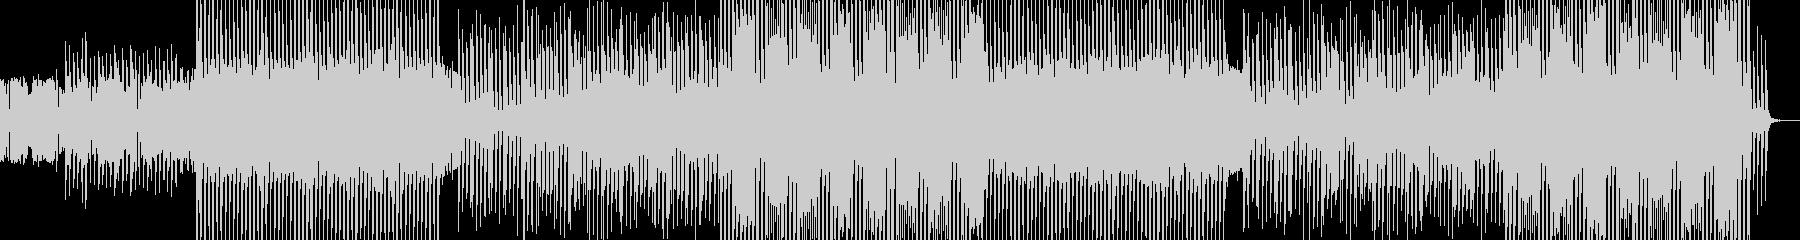 シンセポップなクラブダンスミュージックの未再生の波形